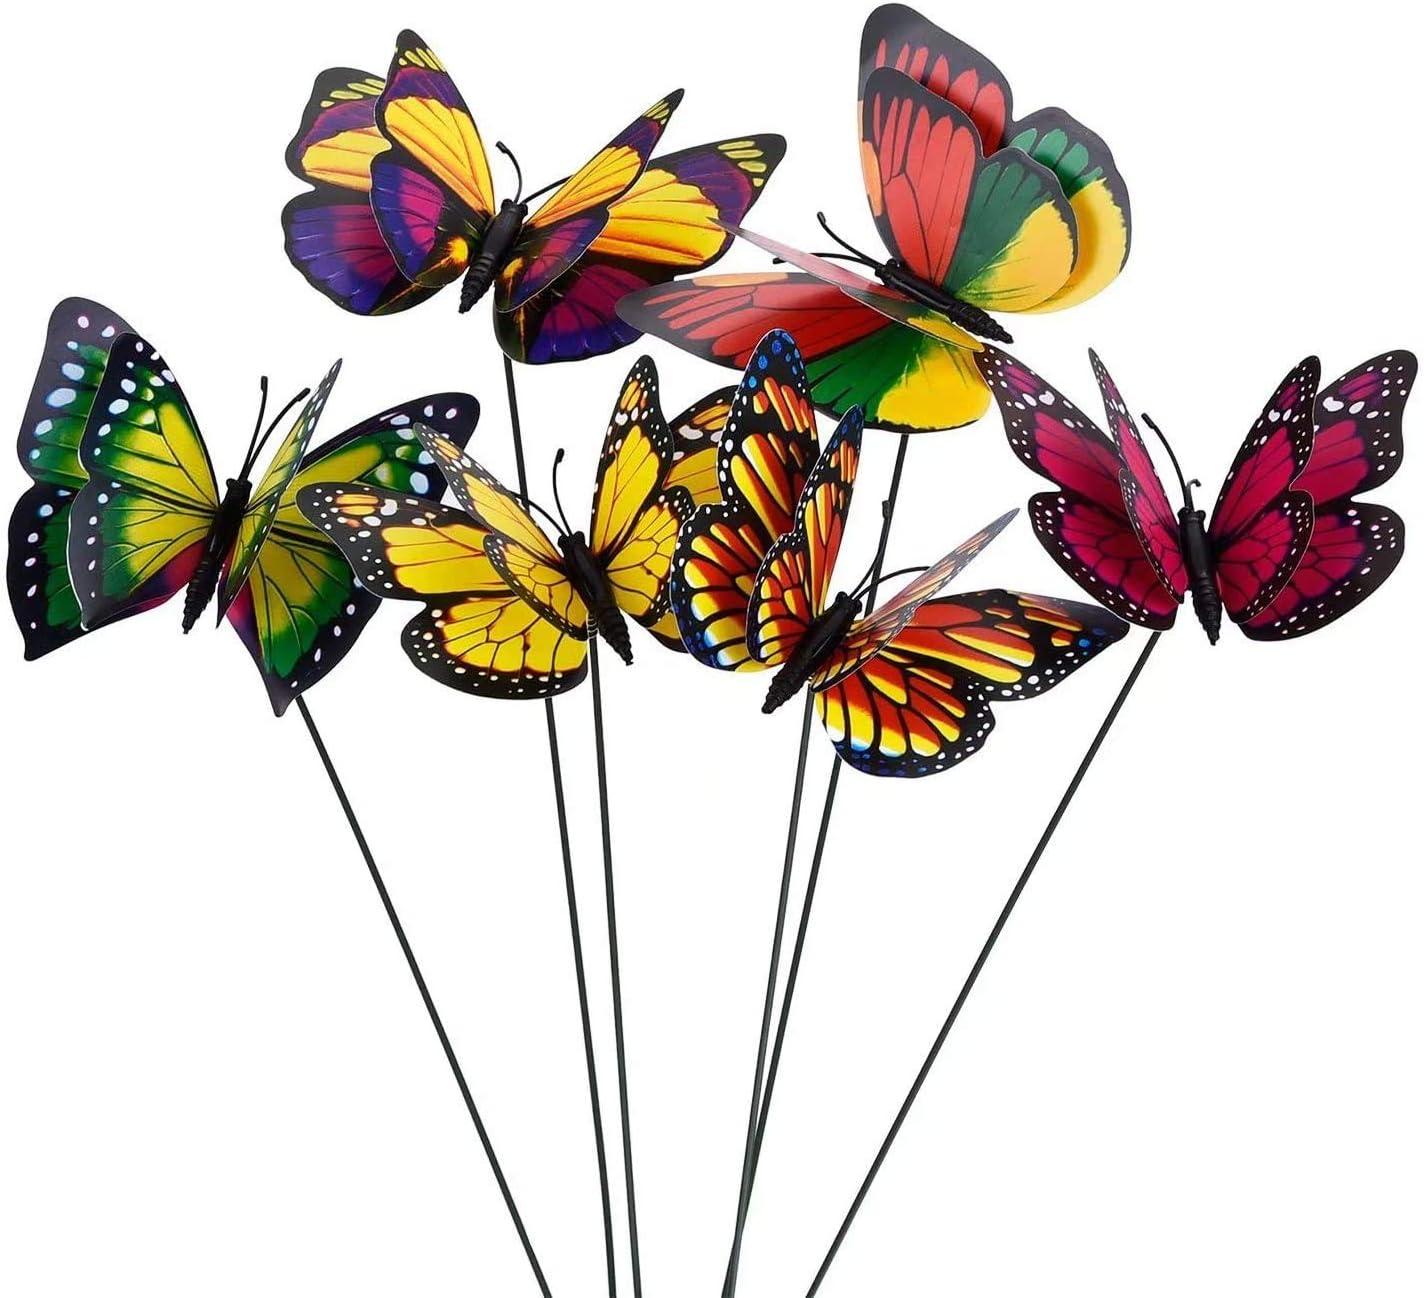 CTTURTG Butterfly Stakes Outdoor Butterflies Yard Planter Flower Pot Bed Garden Decor Christmas Tree Decorations 10pcs